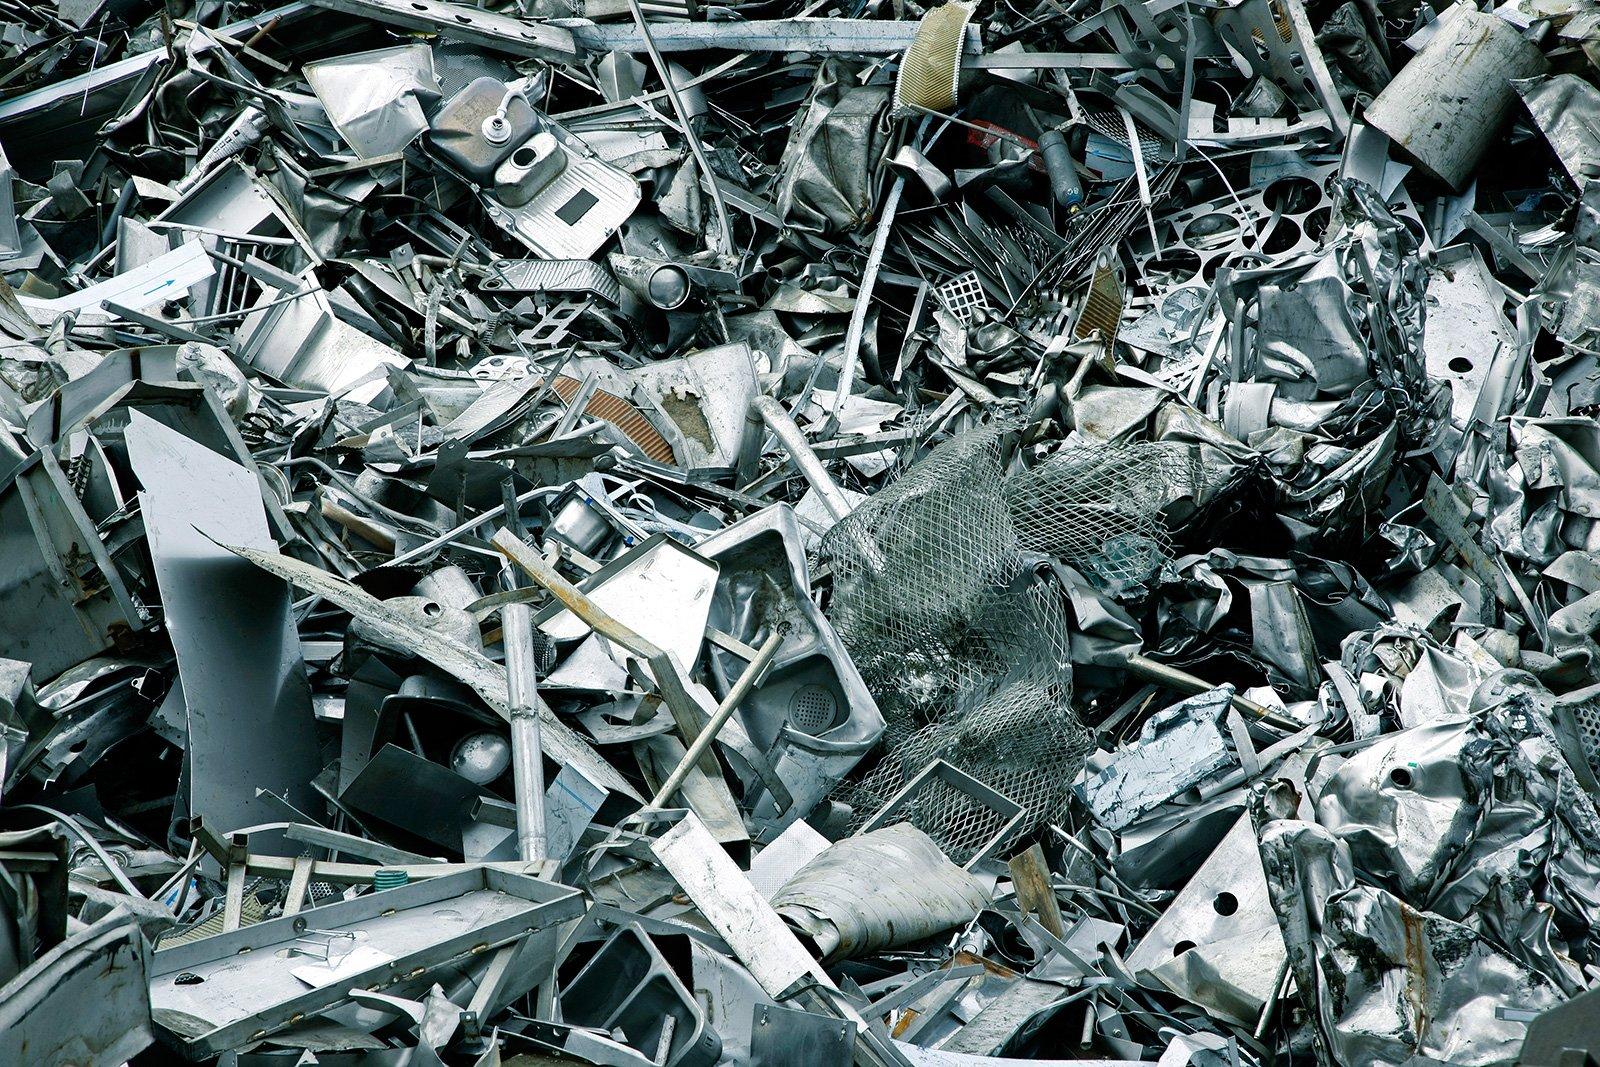 стальной металлолом